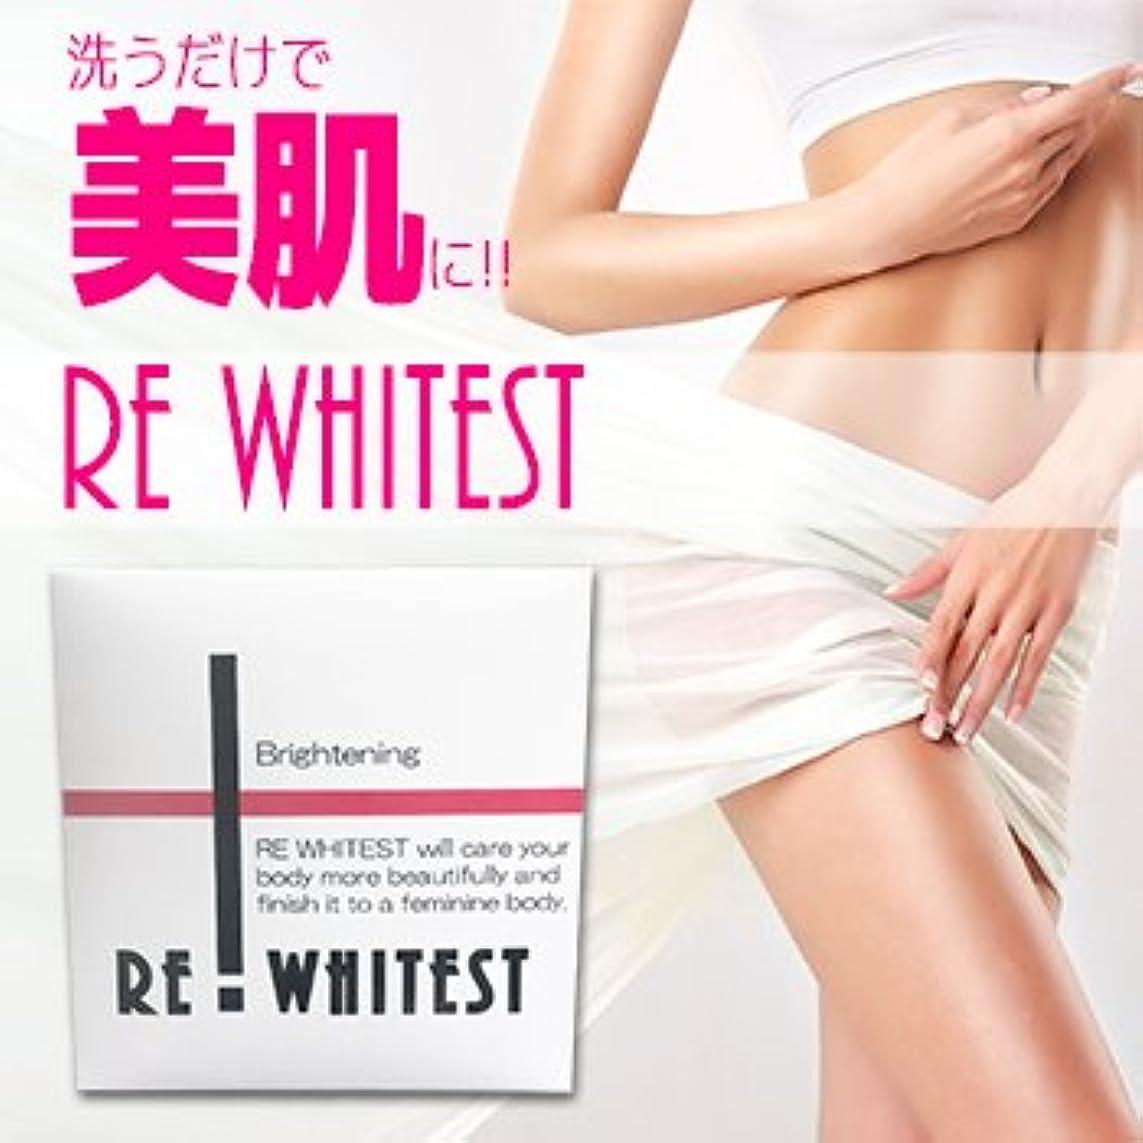 熟考する心配する誰もパパイン+イソフラボン配合女性用美肌石鹸 REWHITEST-リホワイテスト-